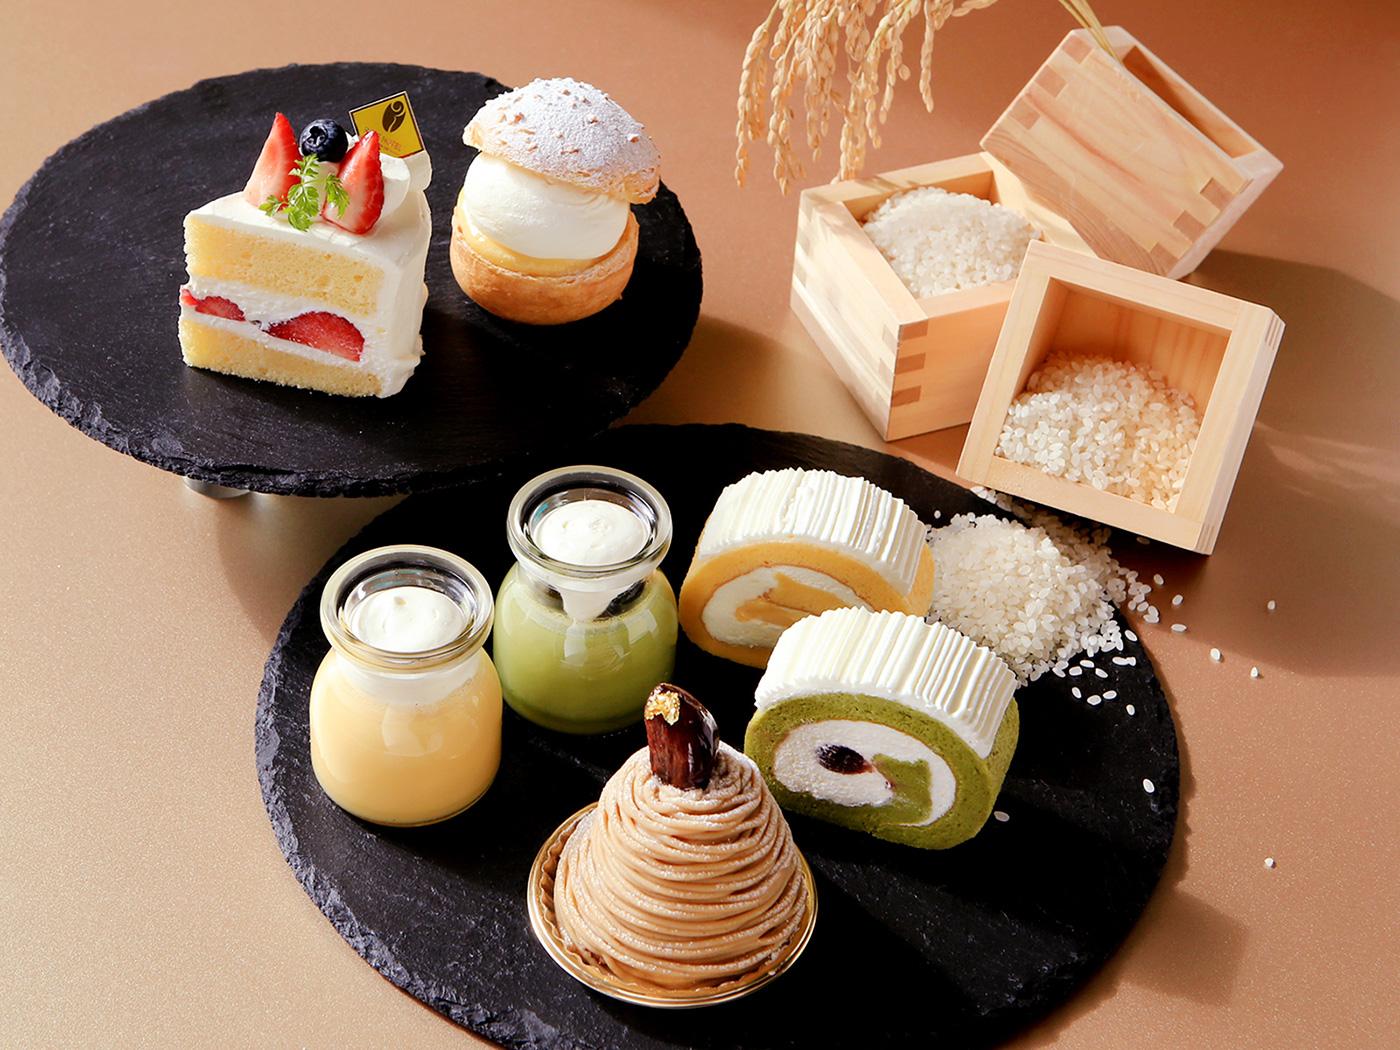 ローズホテル横浜でパティシエが育てたお米使用の「米粉スイーツ」発売開始